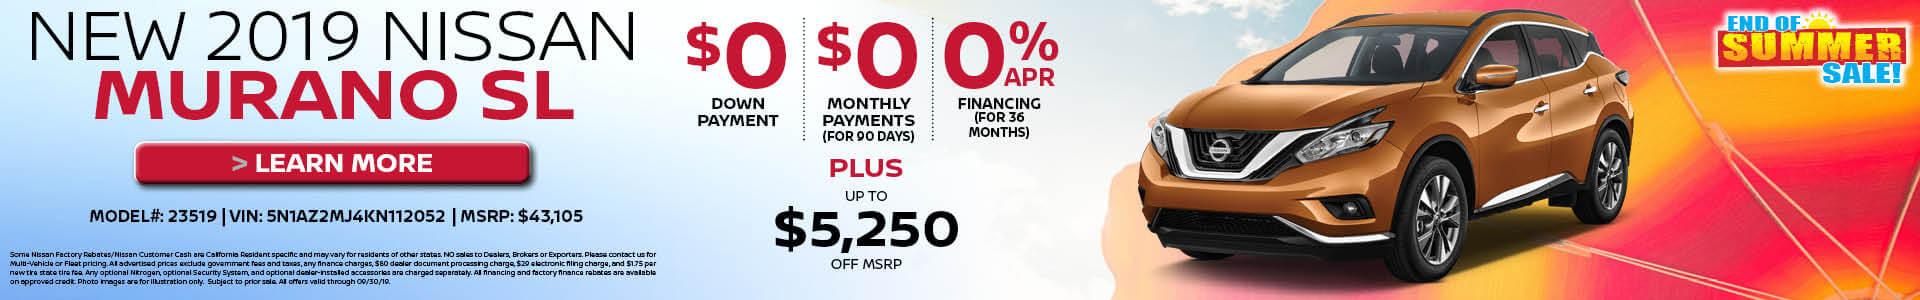 Murano $43105